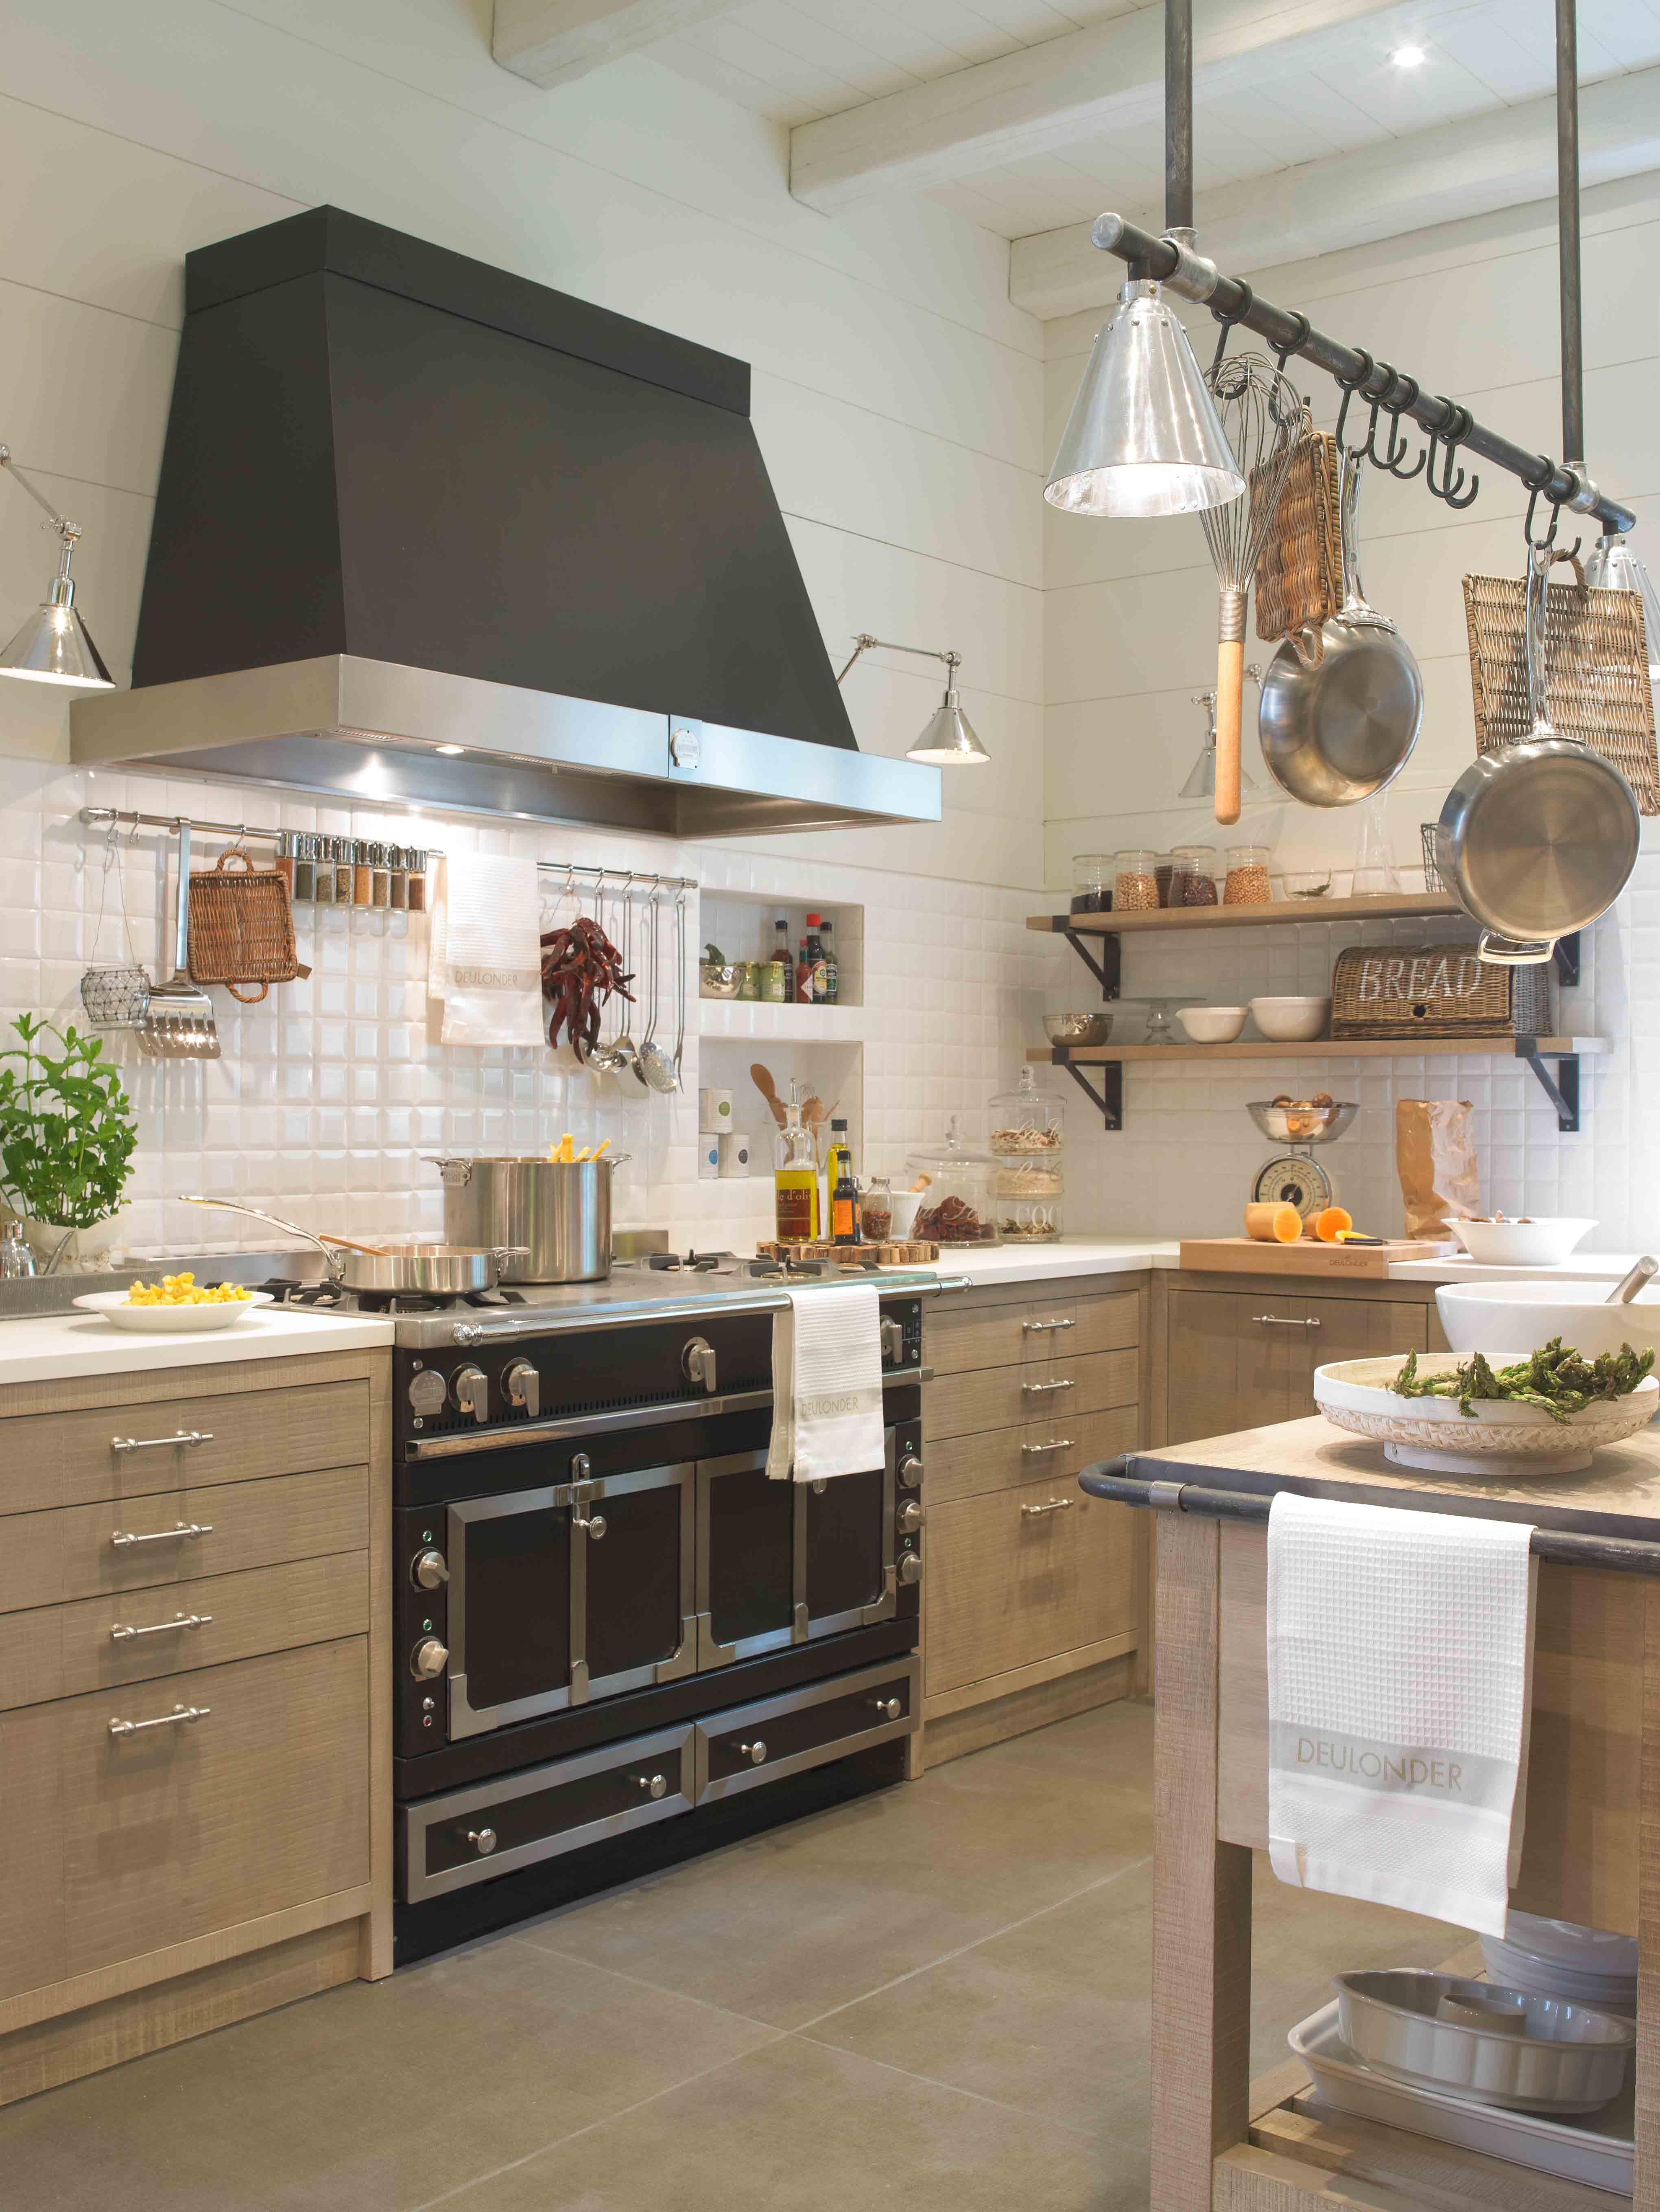 Diseños de cocinas y muebles de cocina: todo lo que quieres saber ...